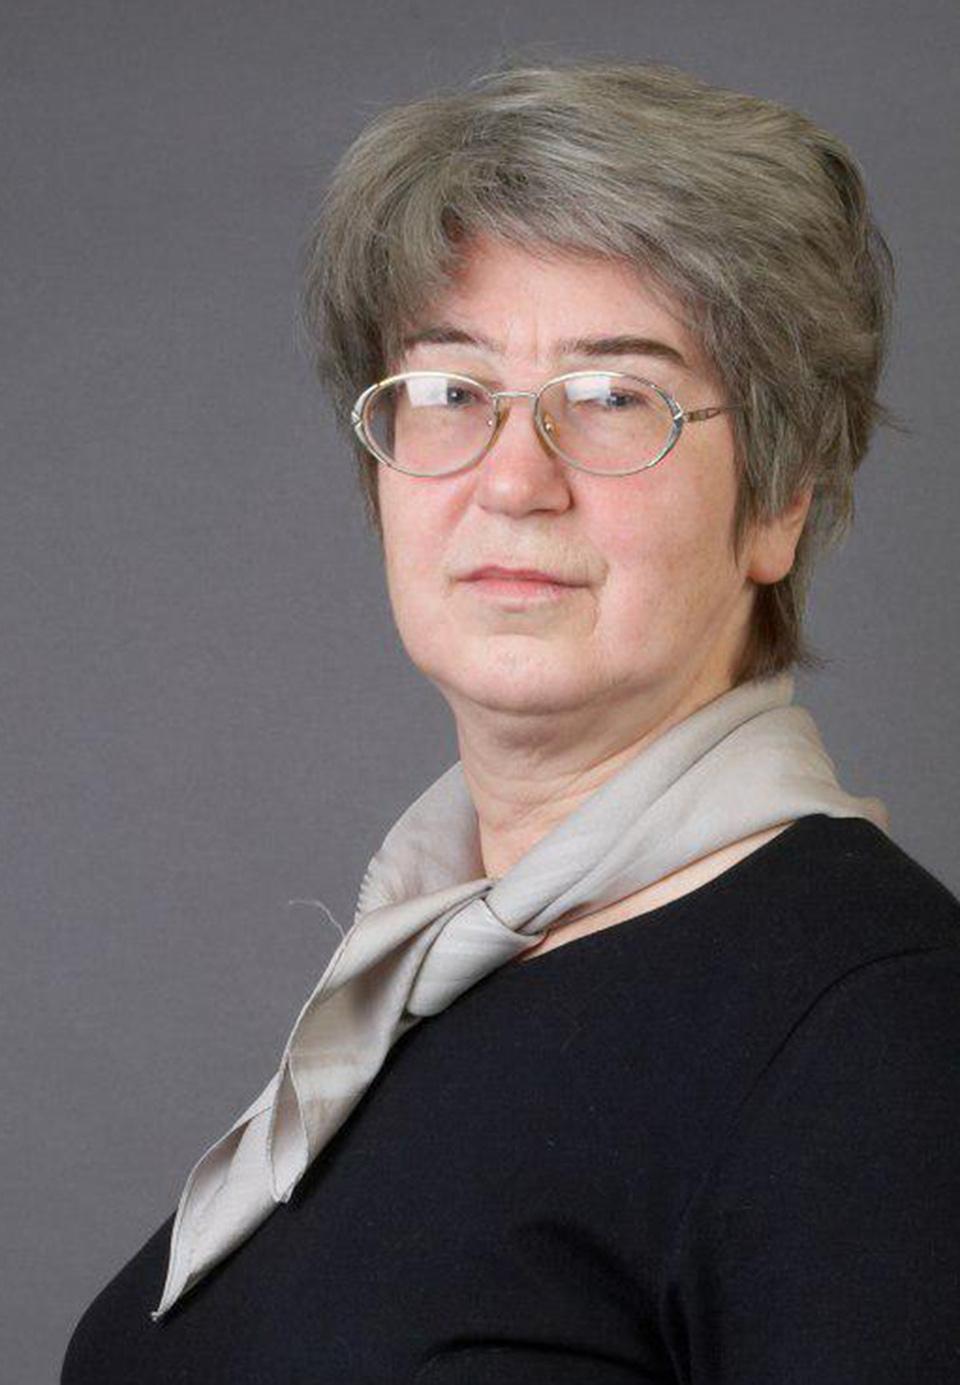 Лариса Щёкина, 66 лет